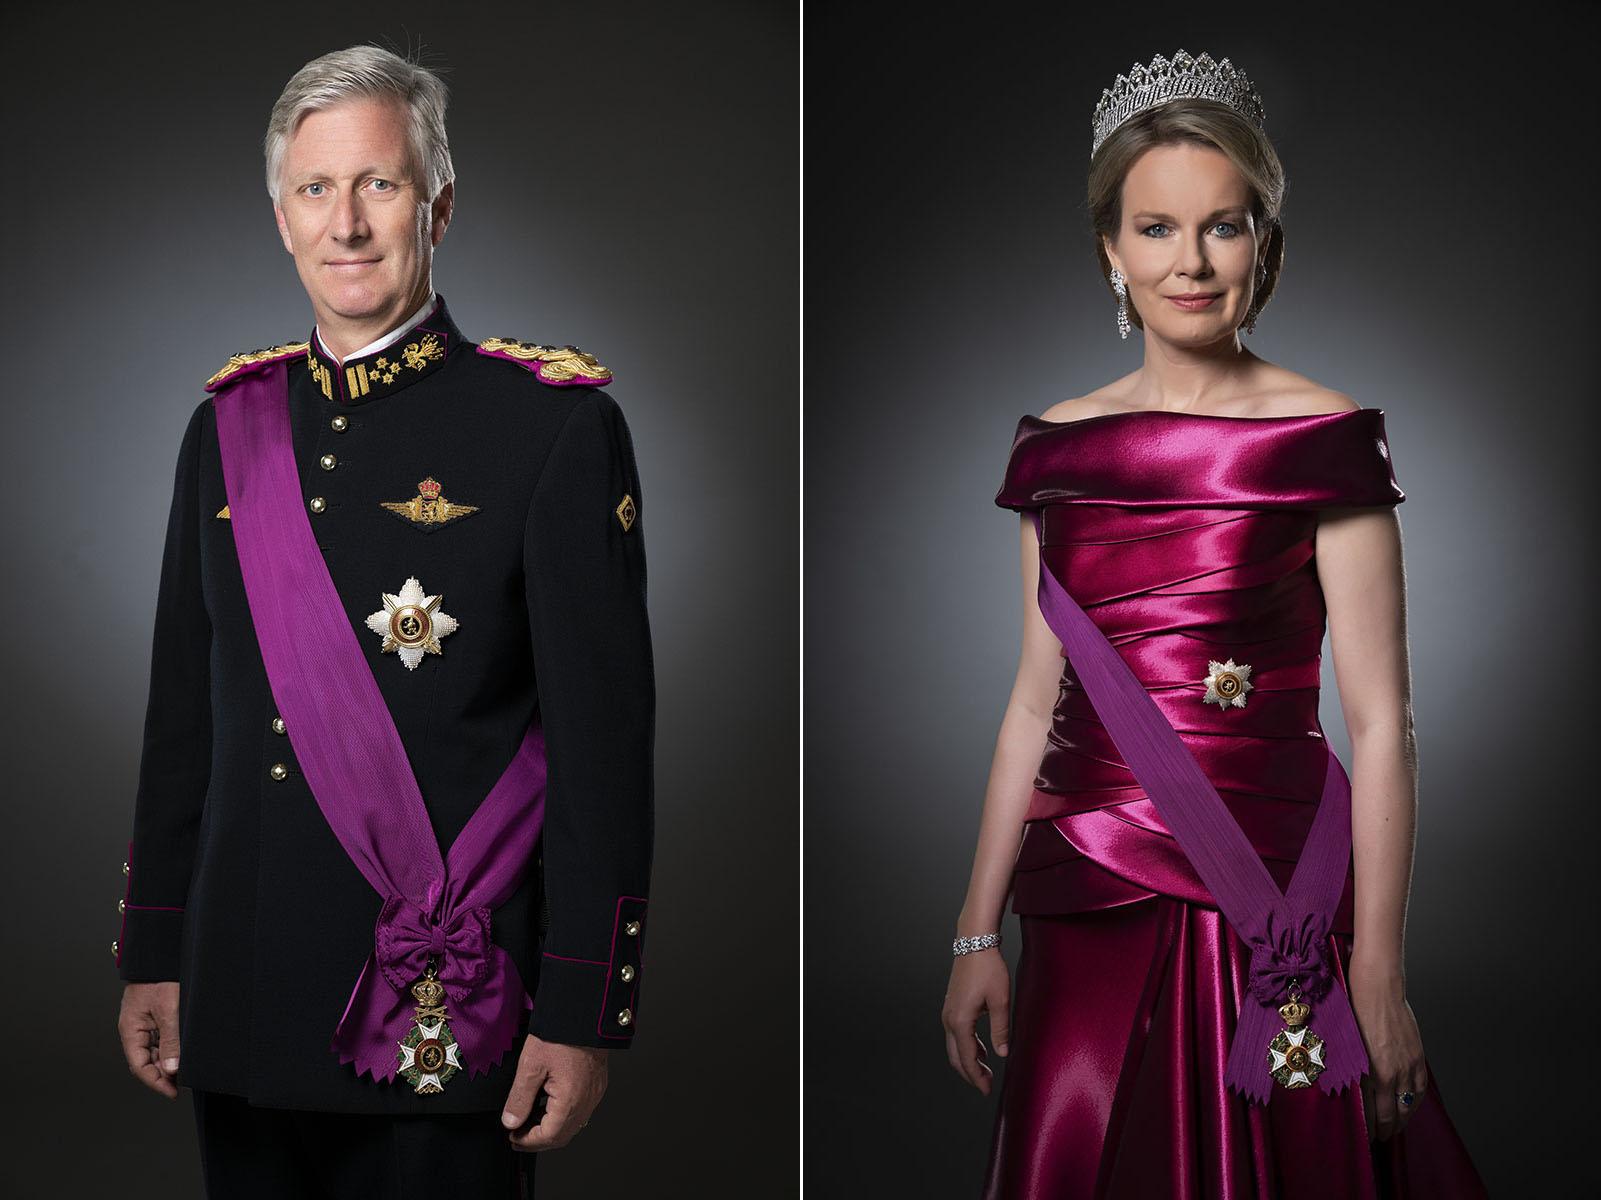 Photos officielles du Roi Philippe et la Reine Mathilde en tenue de Gala